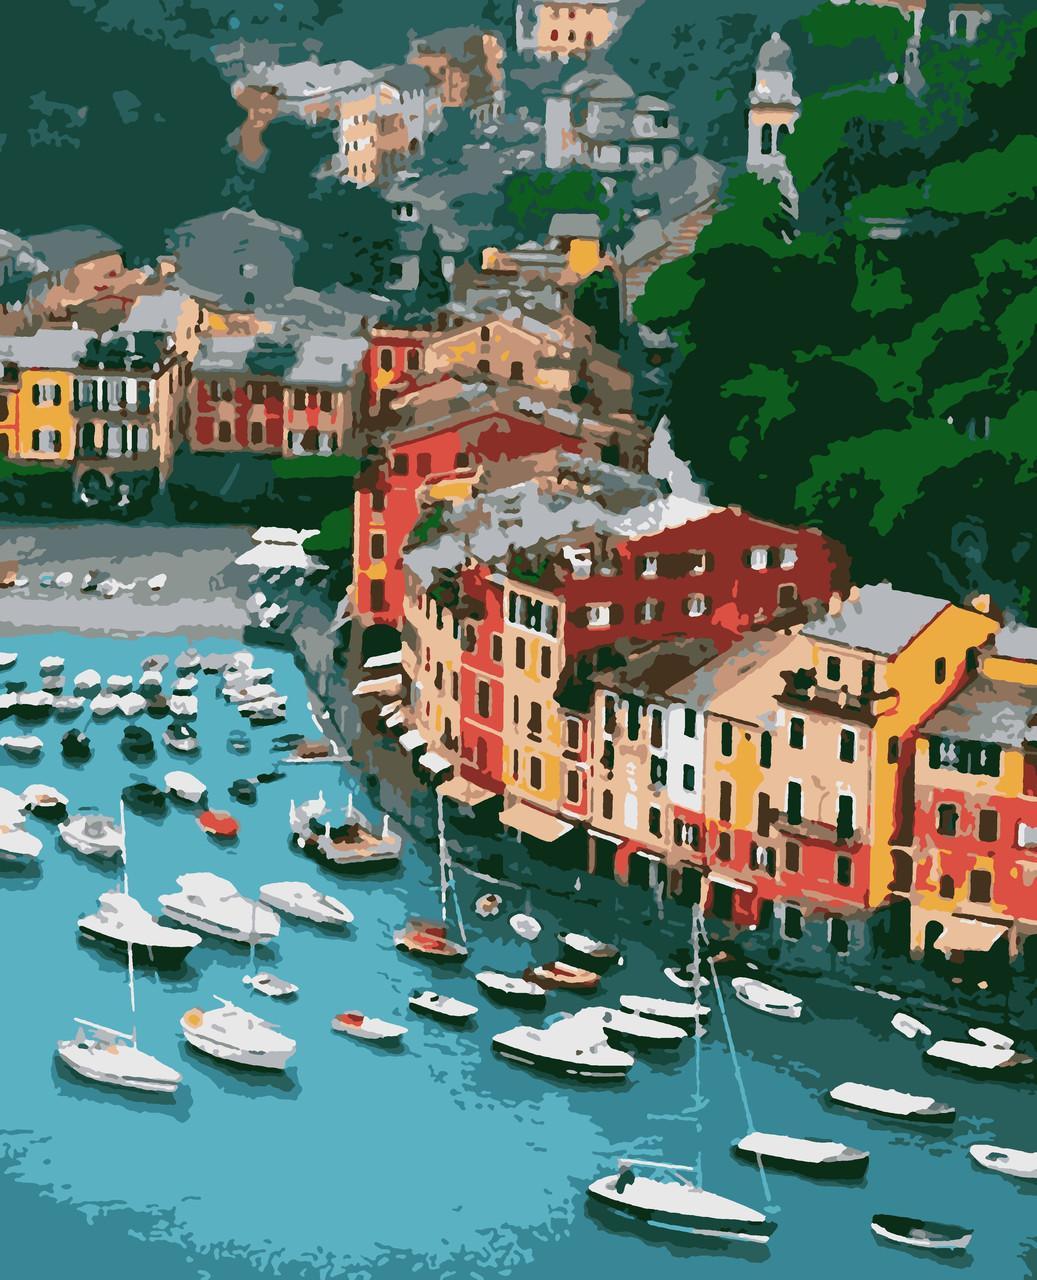 Картина рисование по номерам Портофіно PNX7709 Artissimo 50х60см розпис за номерами набір, фарби, пензлі,